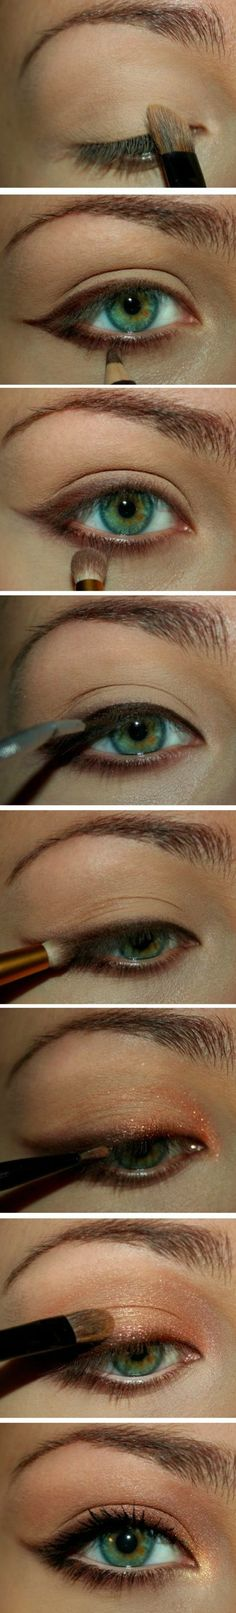 maquillage doré, tutoriel maquillage yeux verts